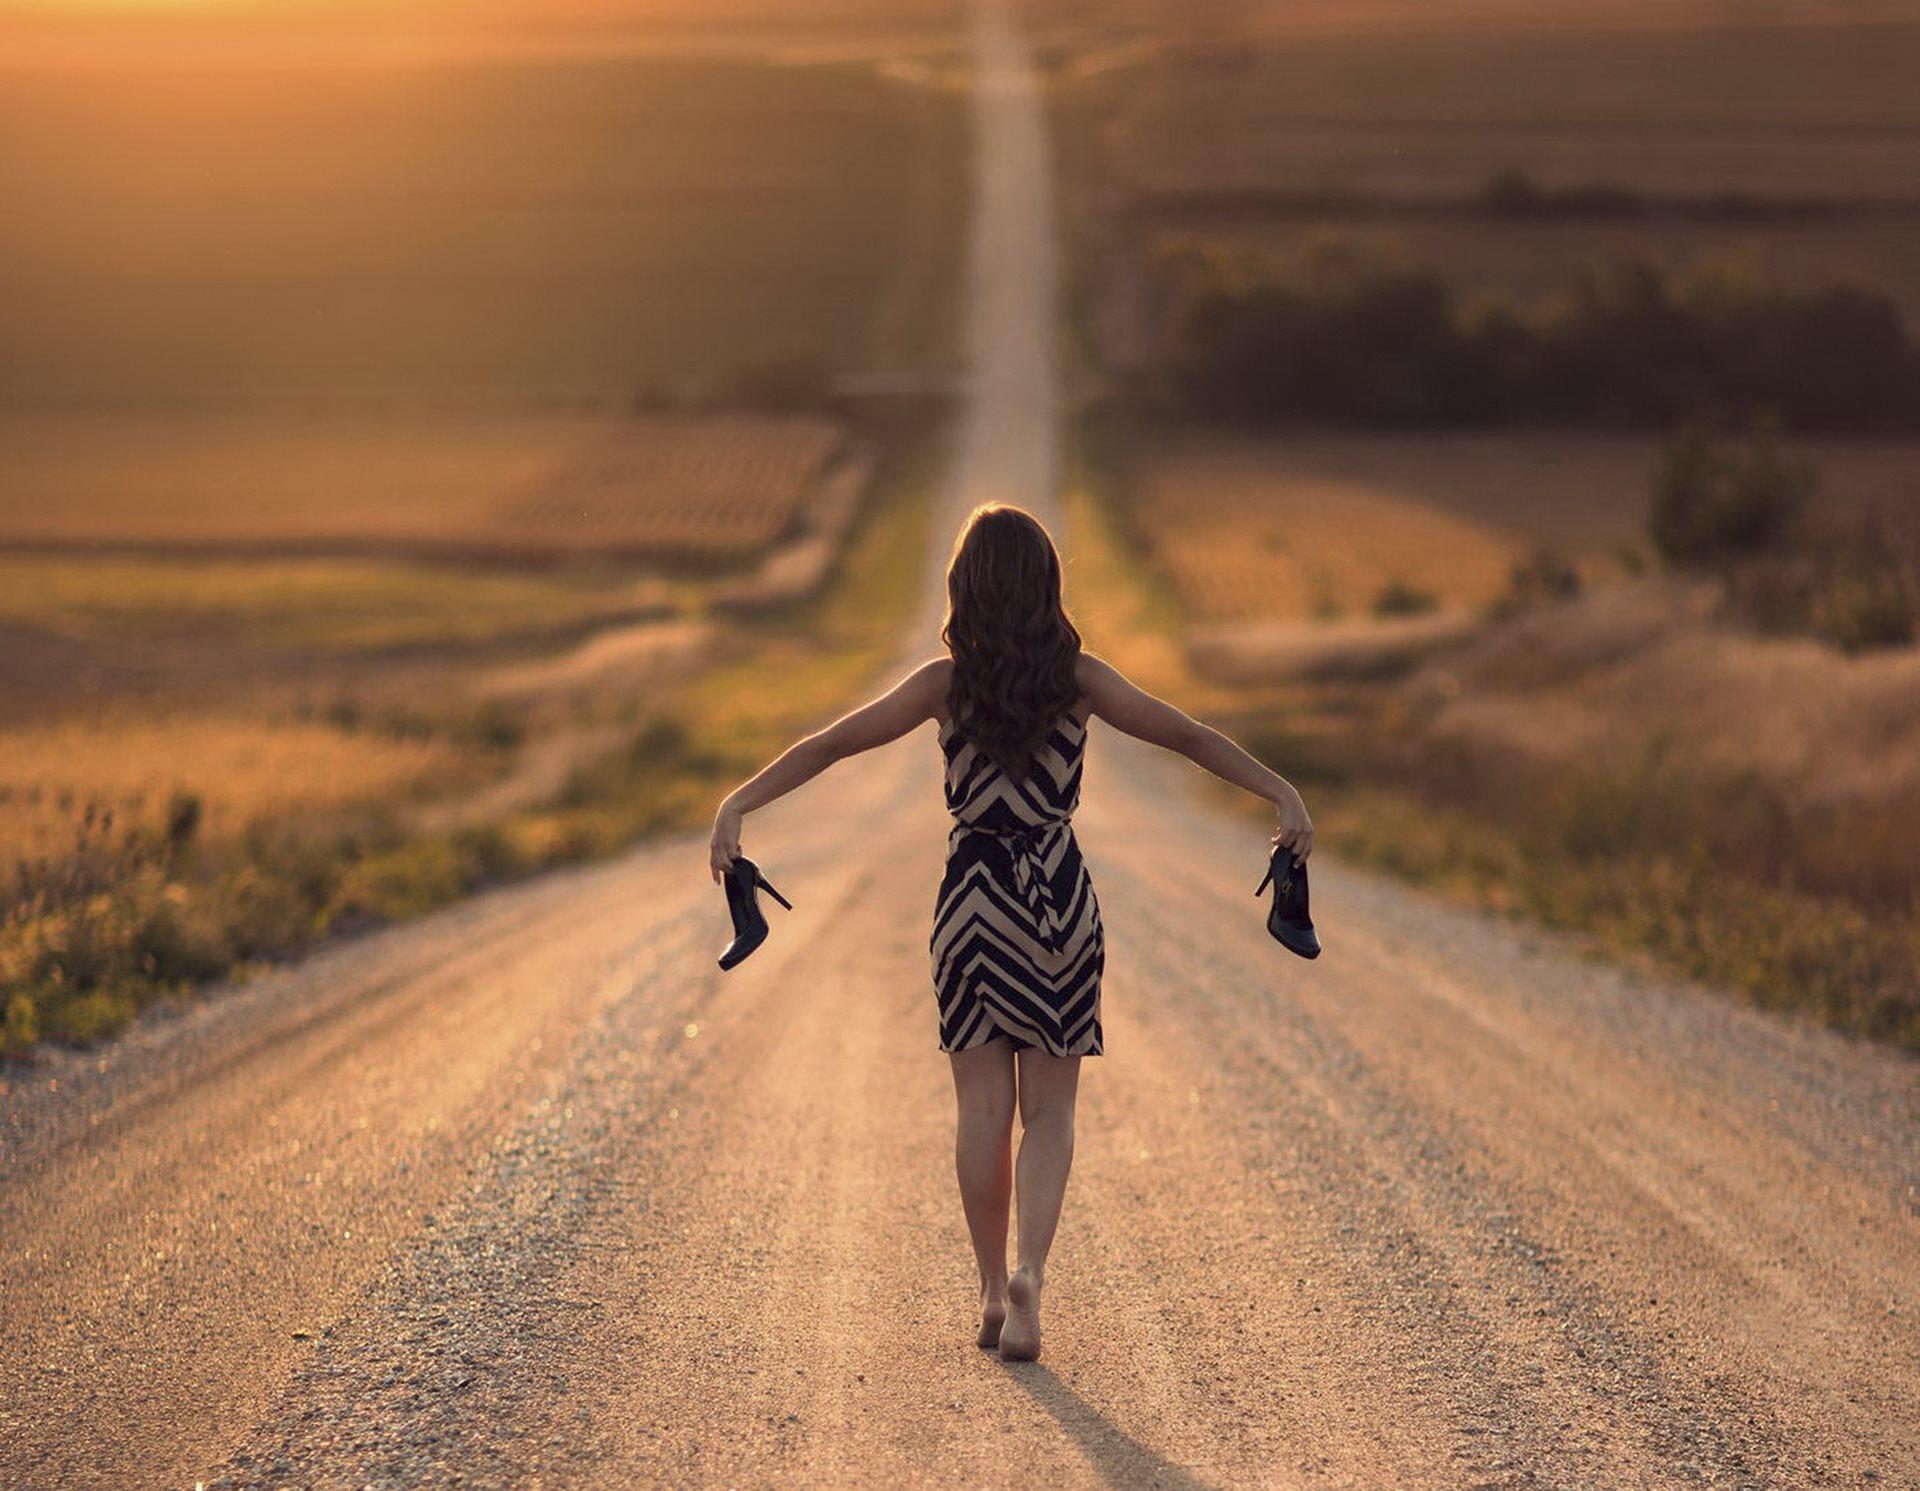 Картинка девушка уходящая в никуда